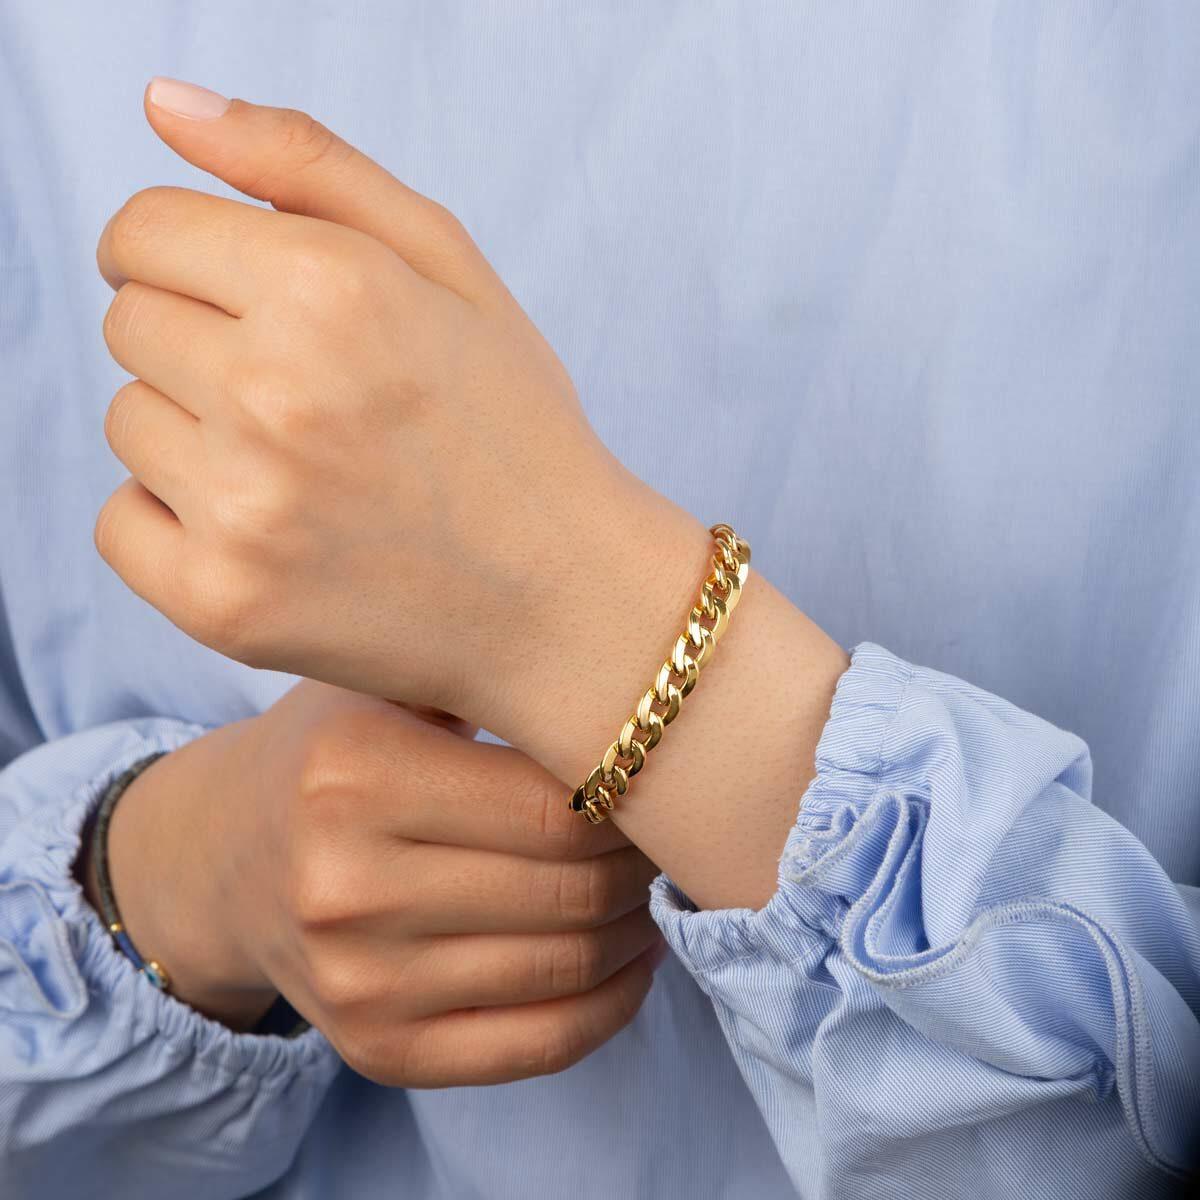 زنجیر دستبند طلا کارتیه سایز 4